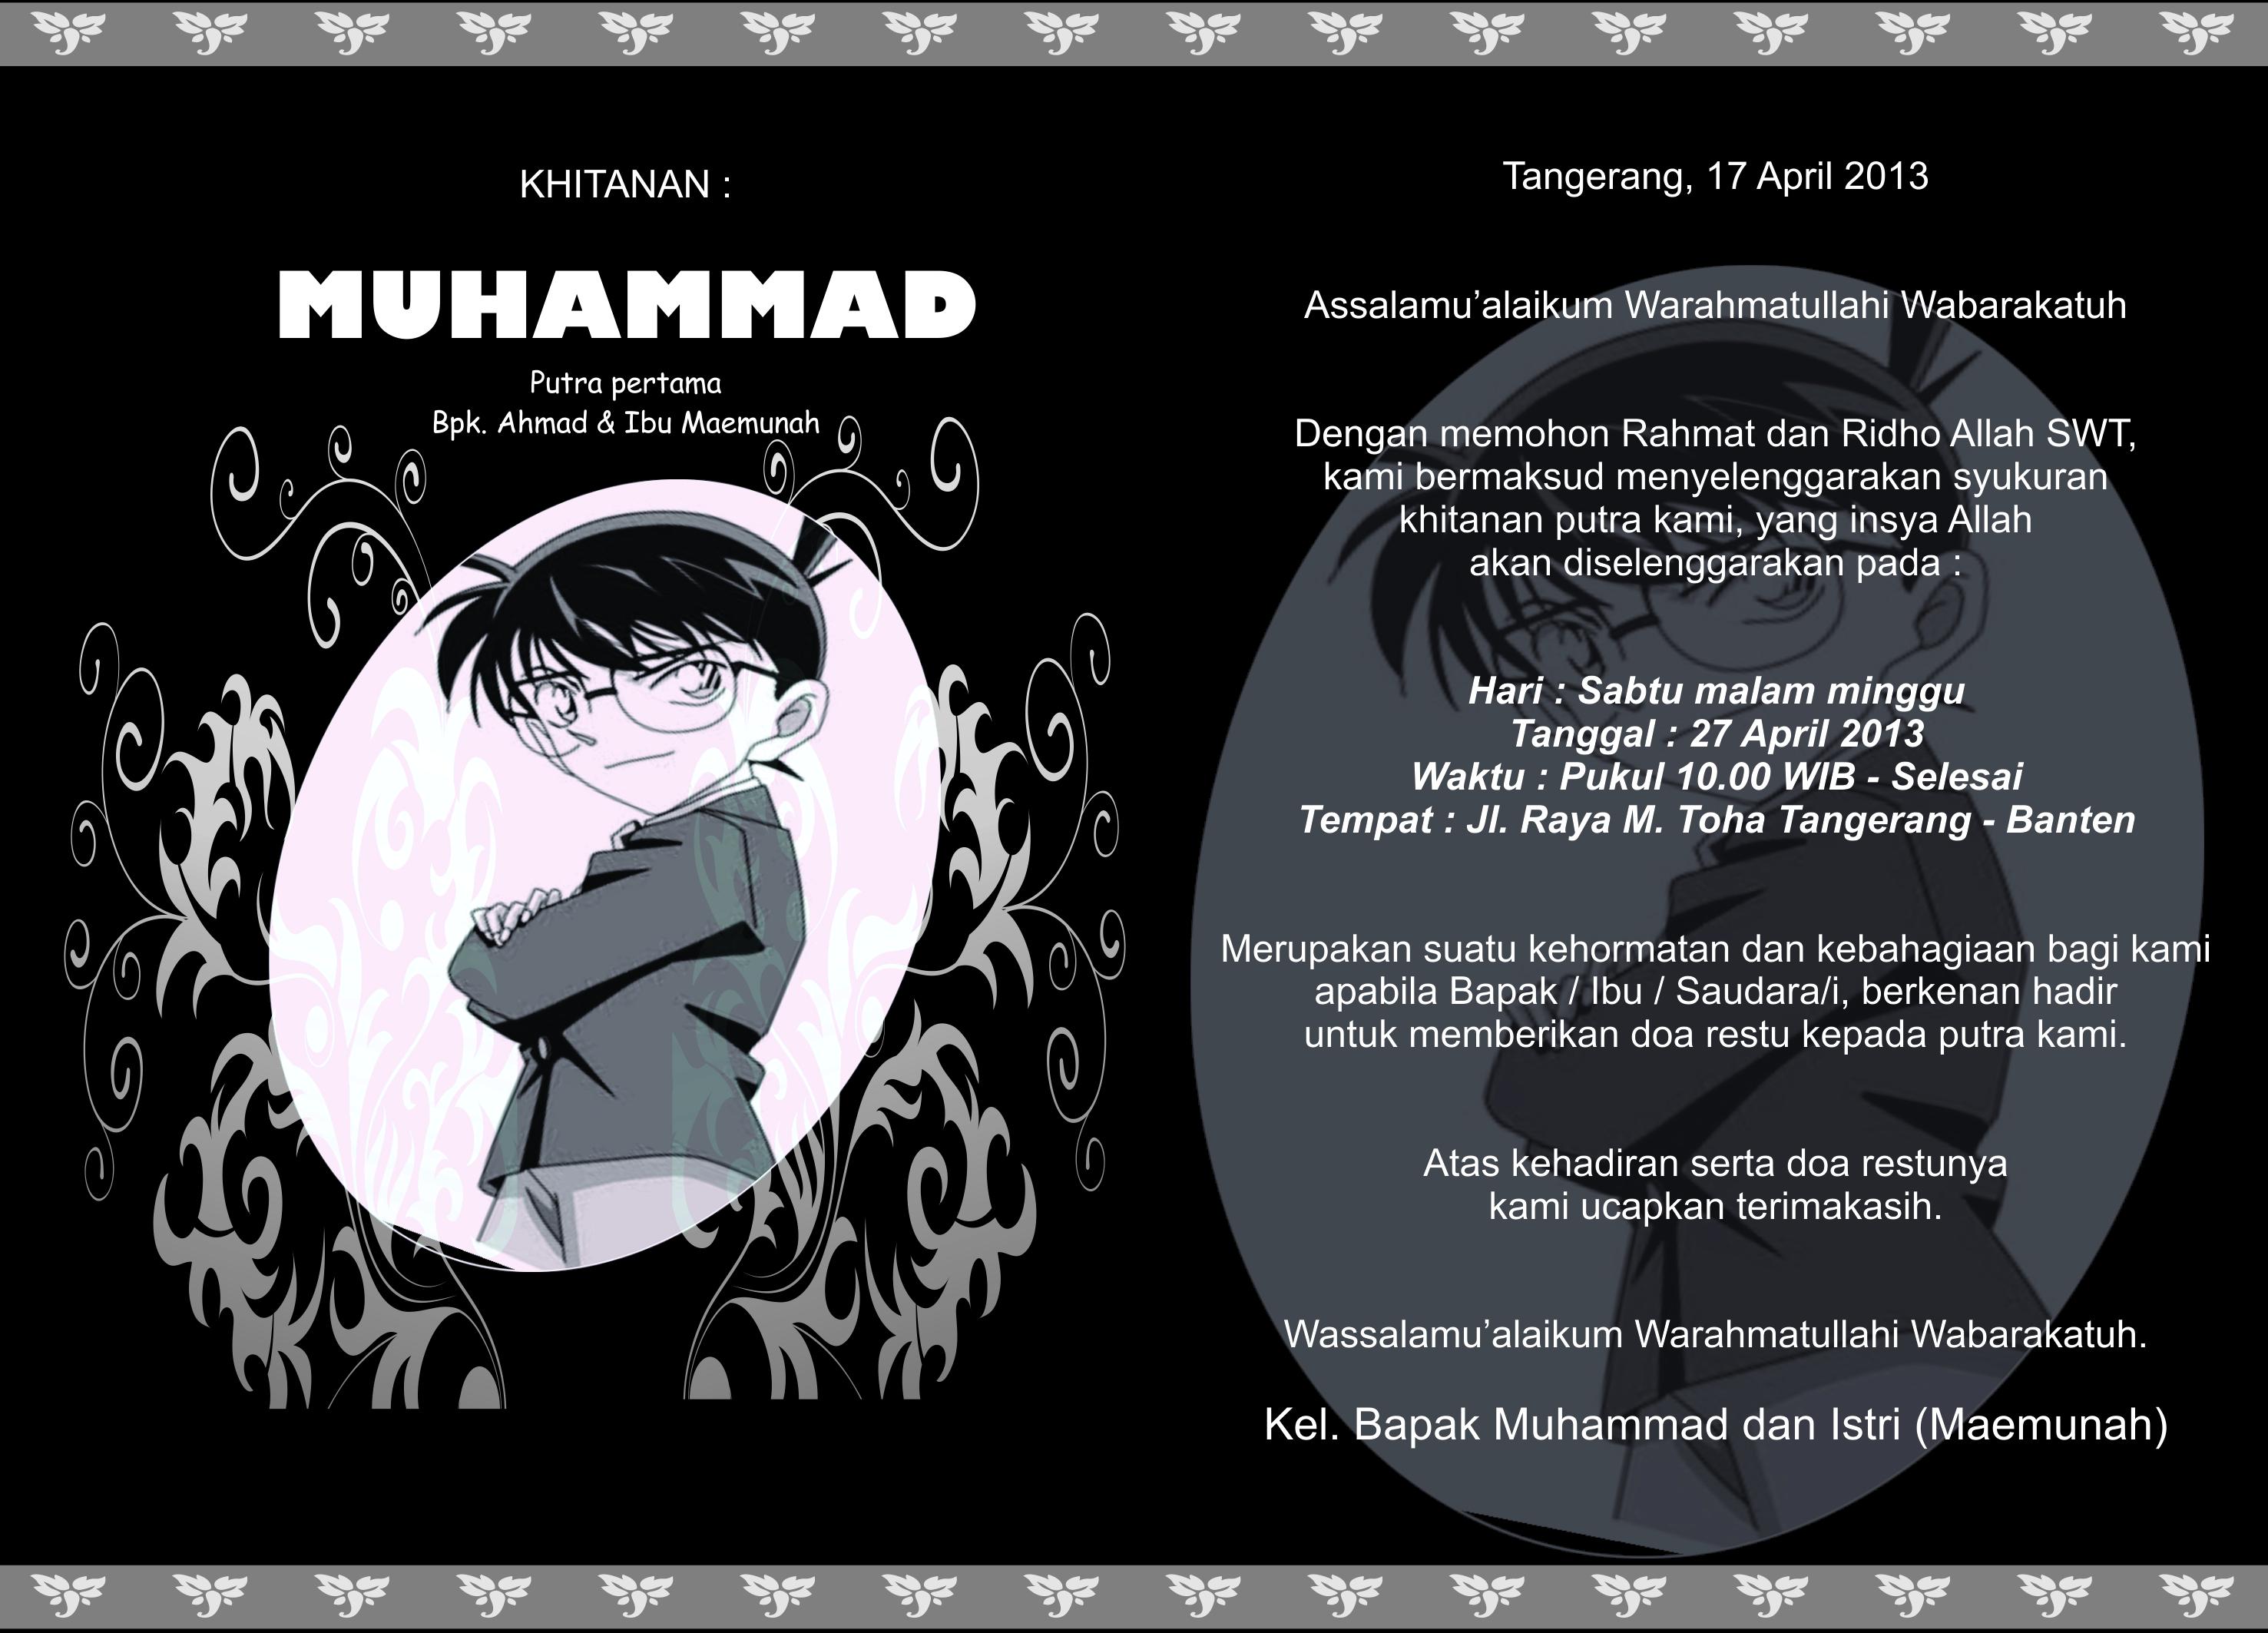 Contoh Undangan Khitanan Ahmadkahfi